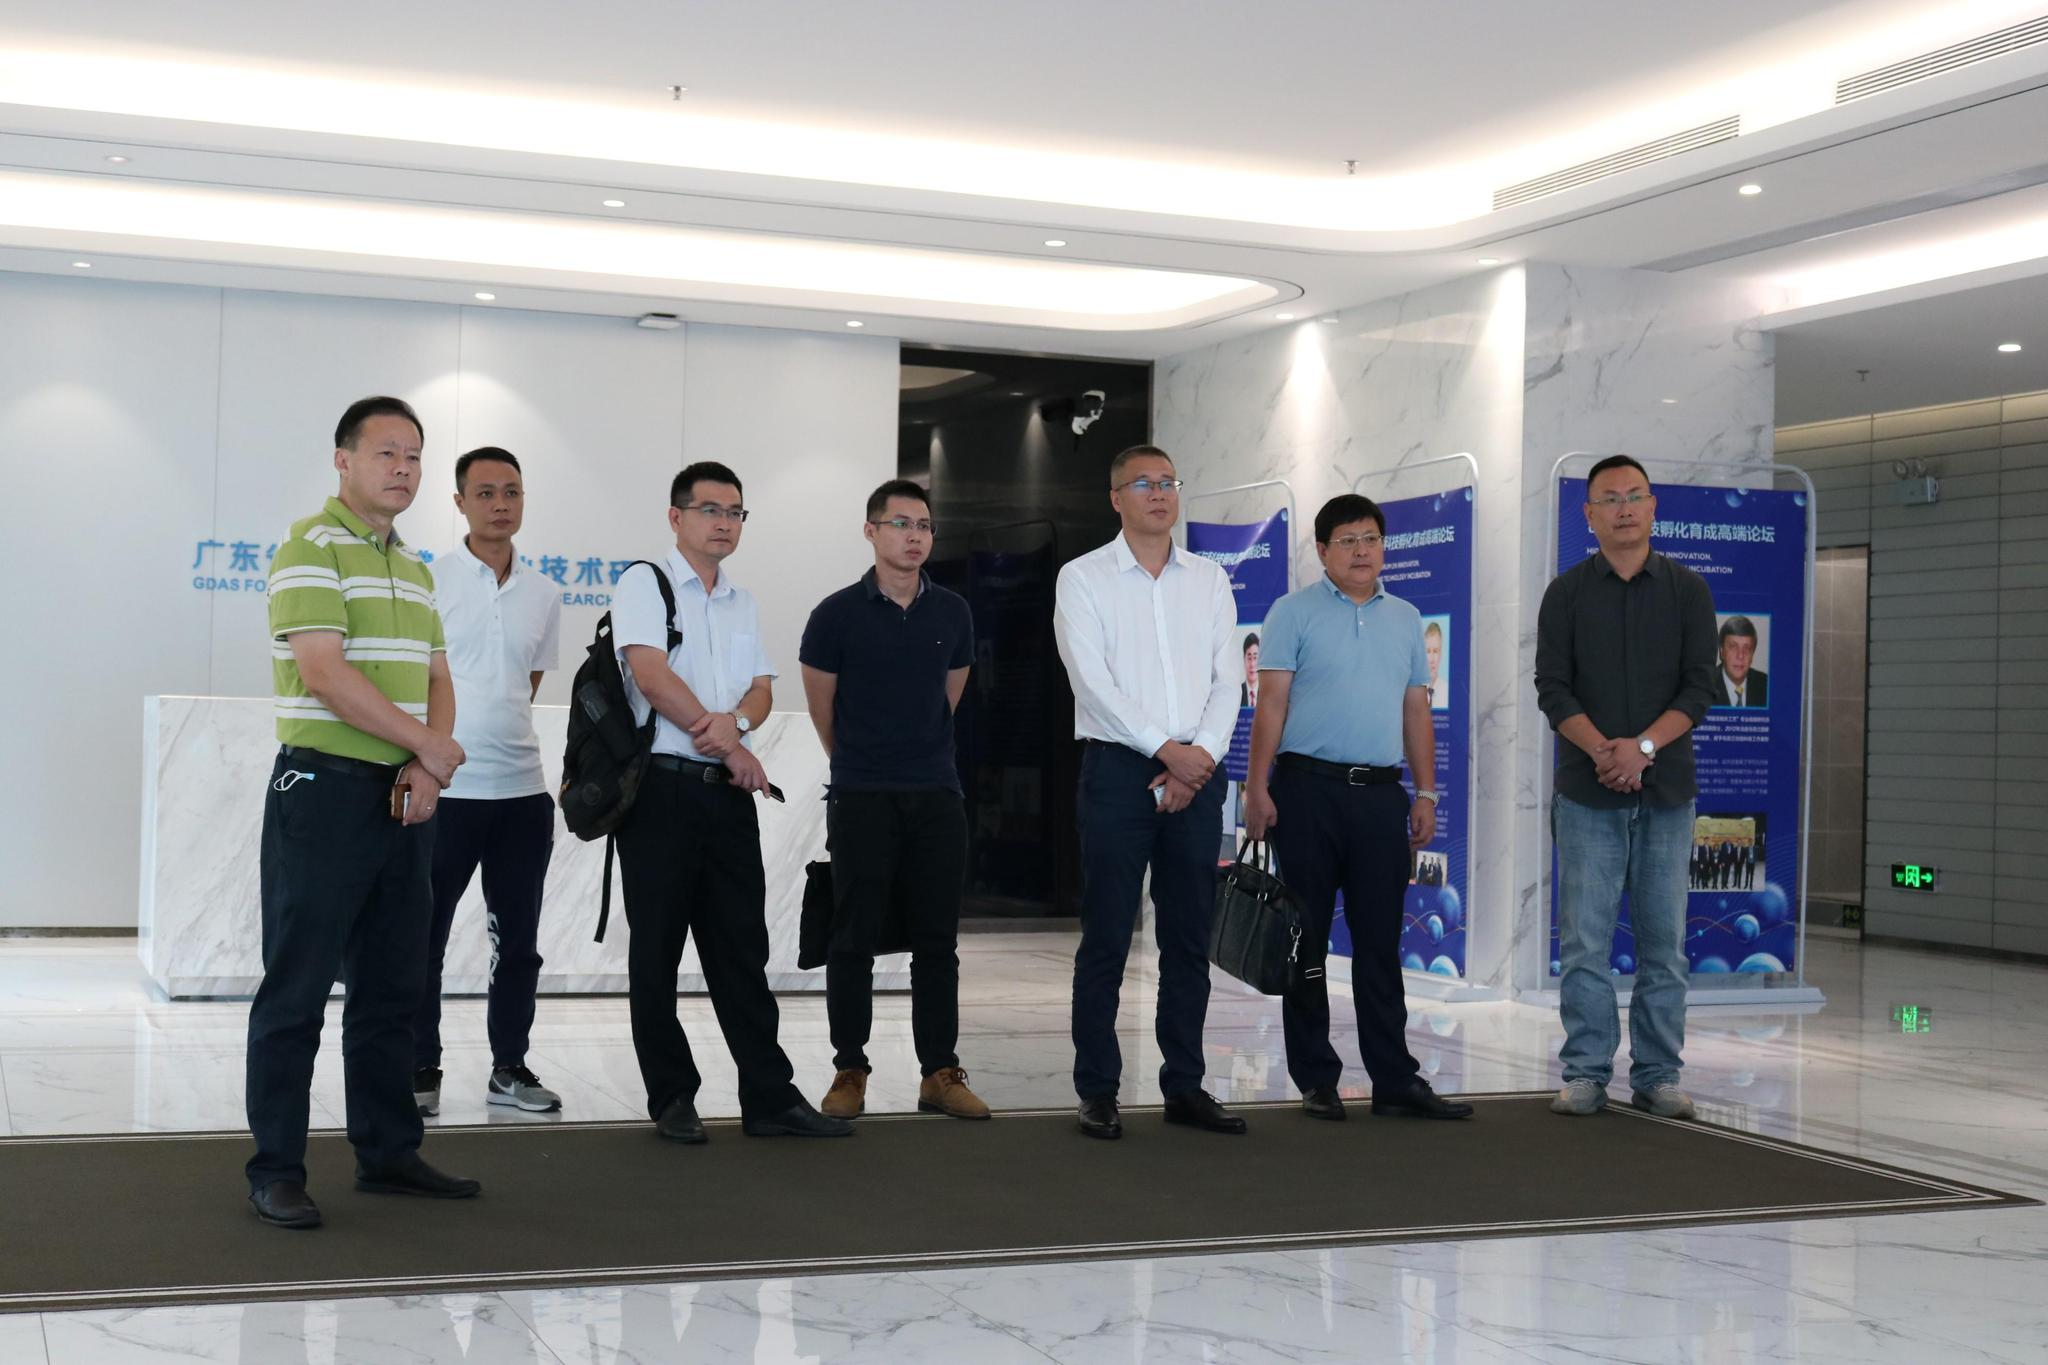 阳江市科技局 高新区管委会领导到佛山产研院调研